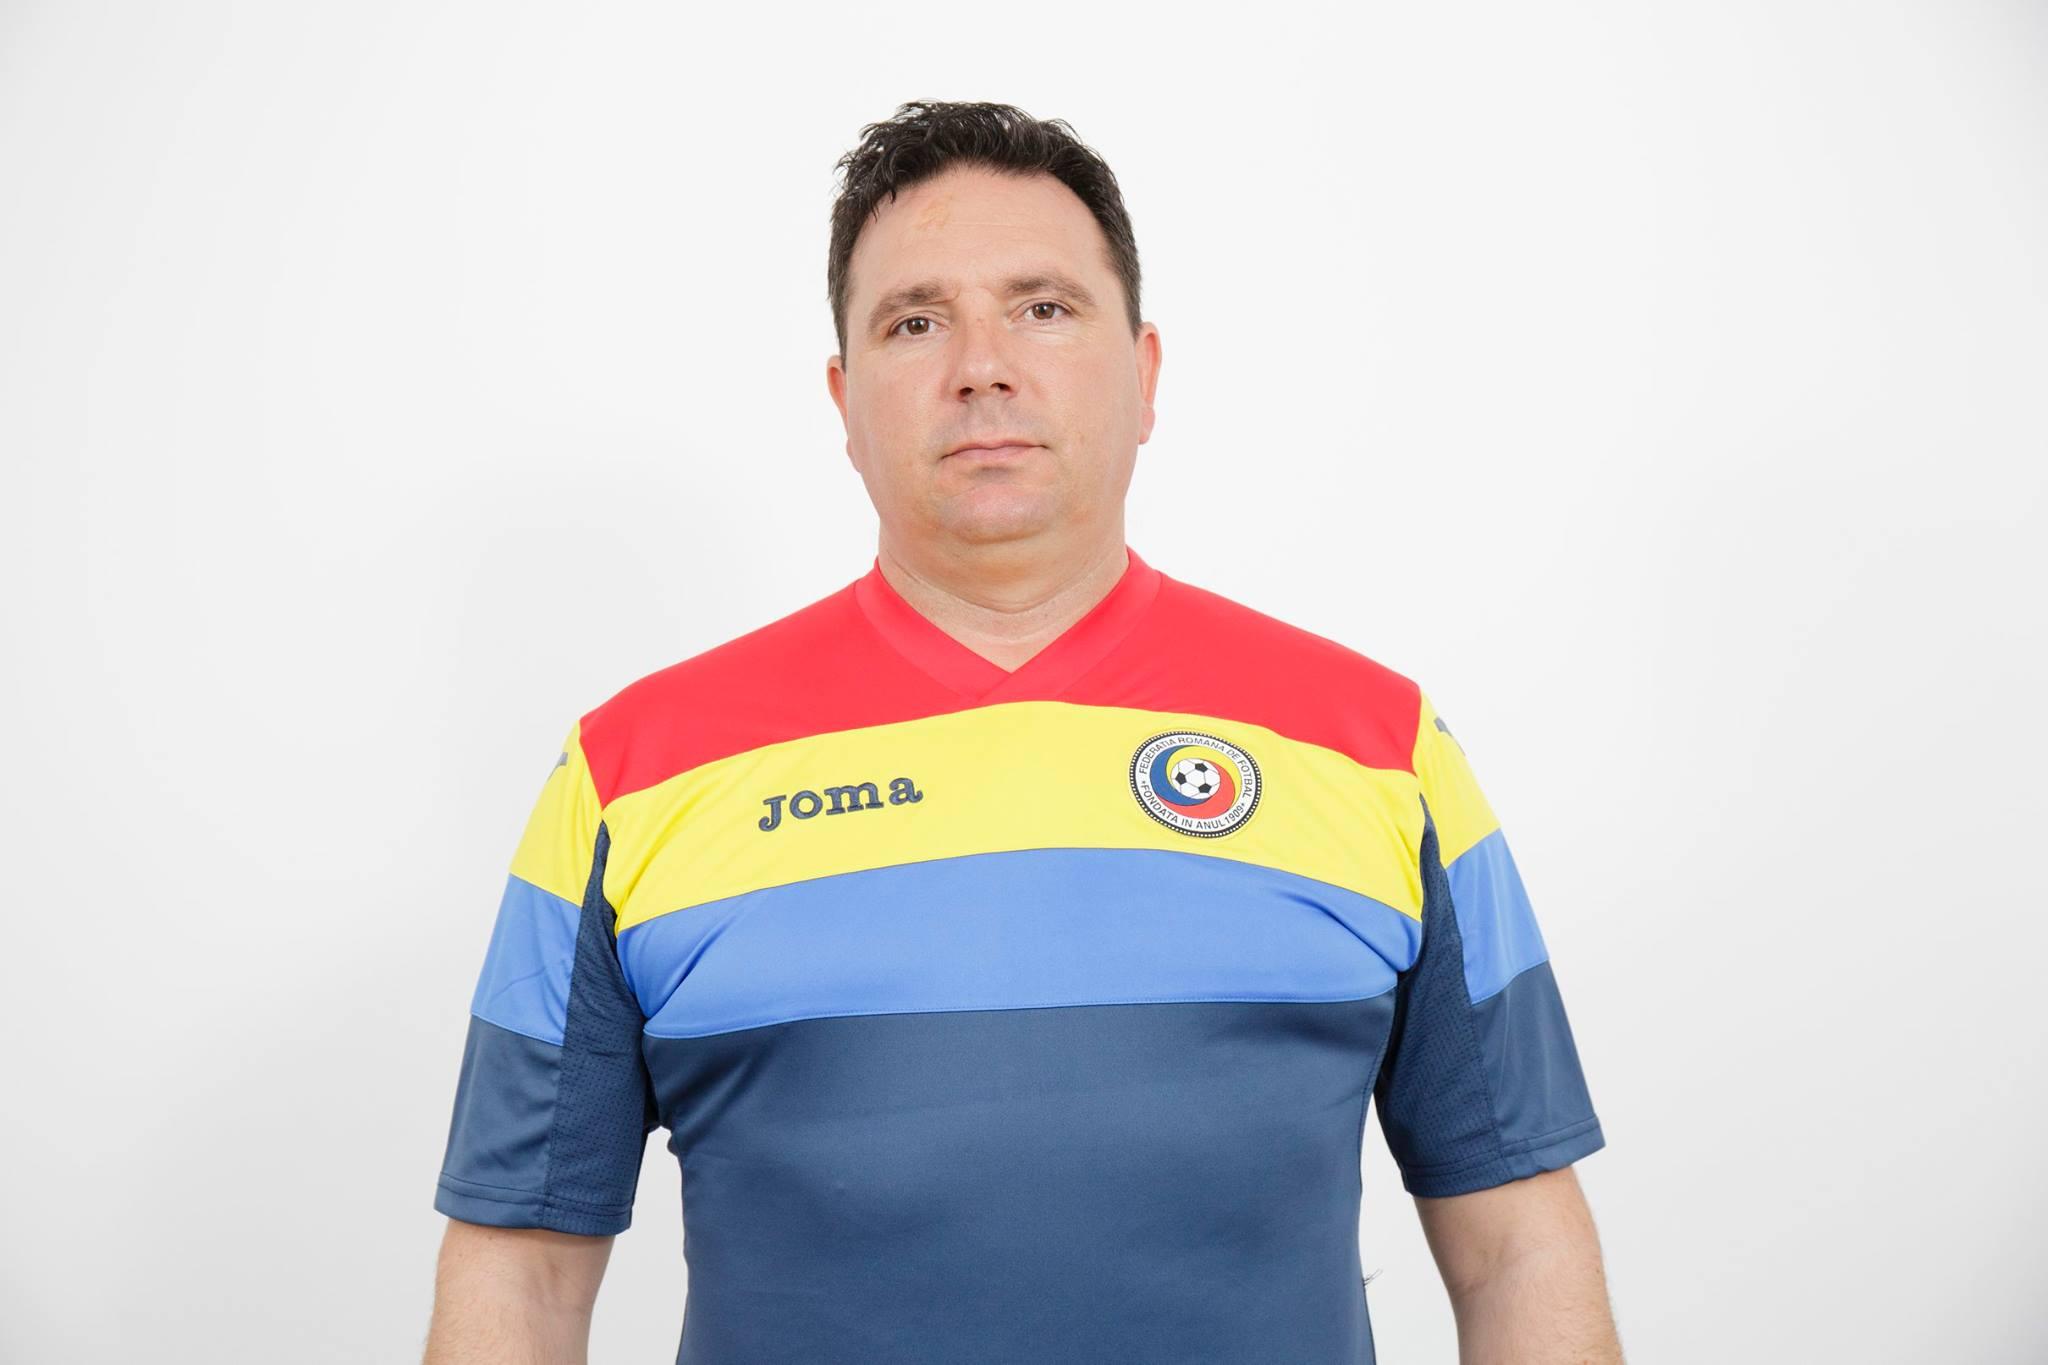 Florin Bugar, antrenorul naționalei feminine de fotbal U19, a murit din cauza COVID-19 la doar 48 ani